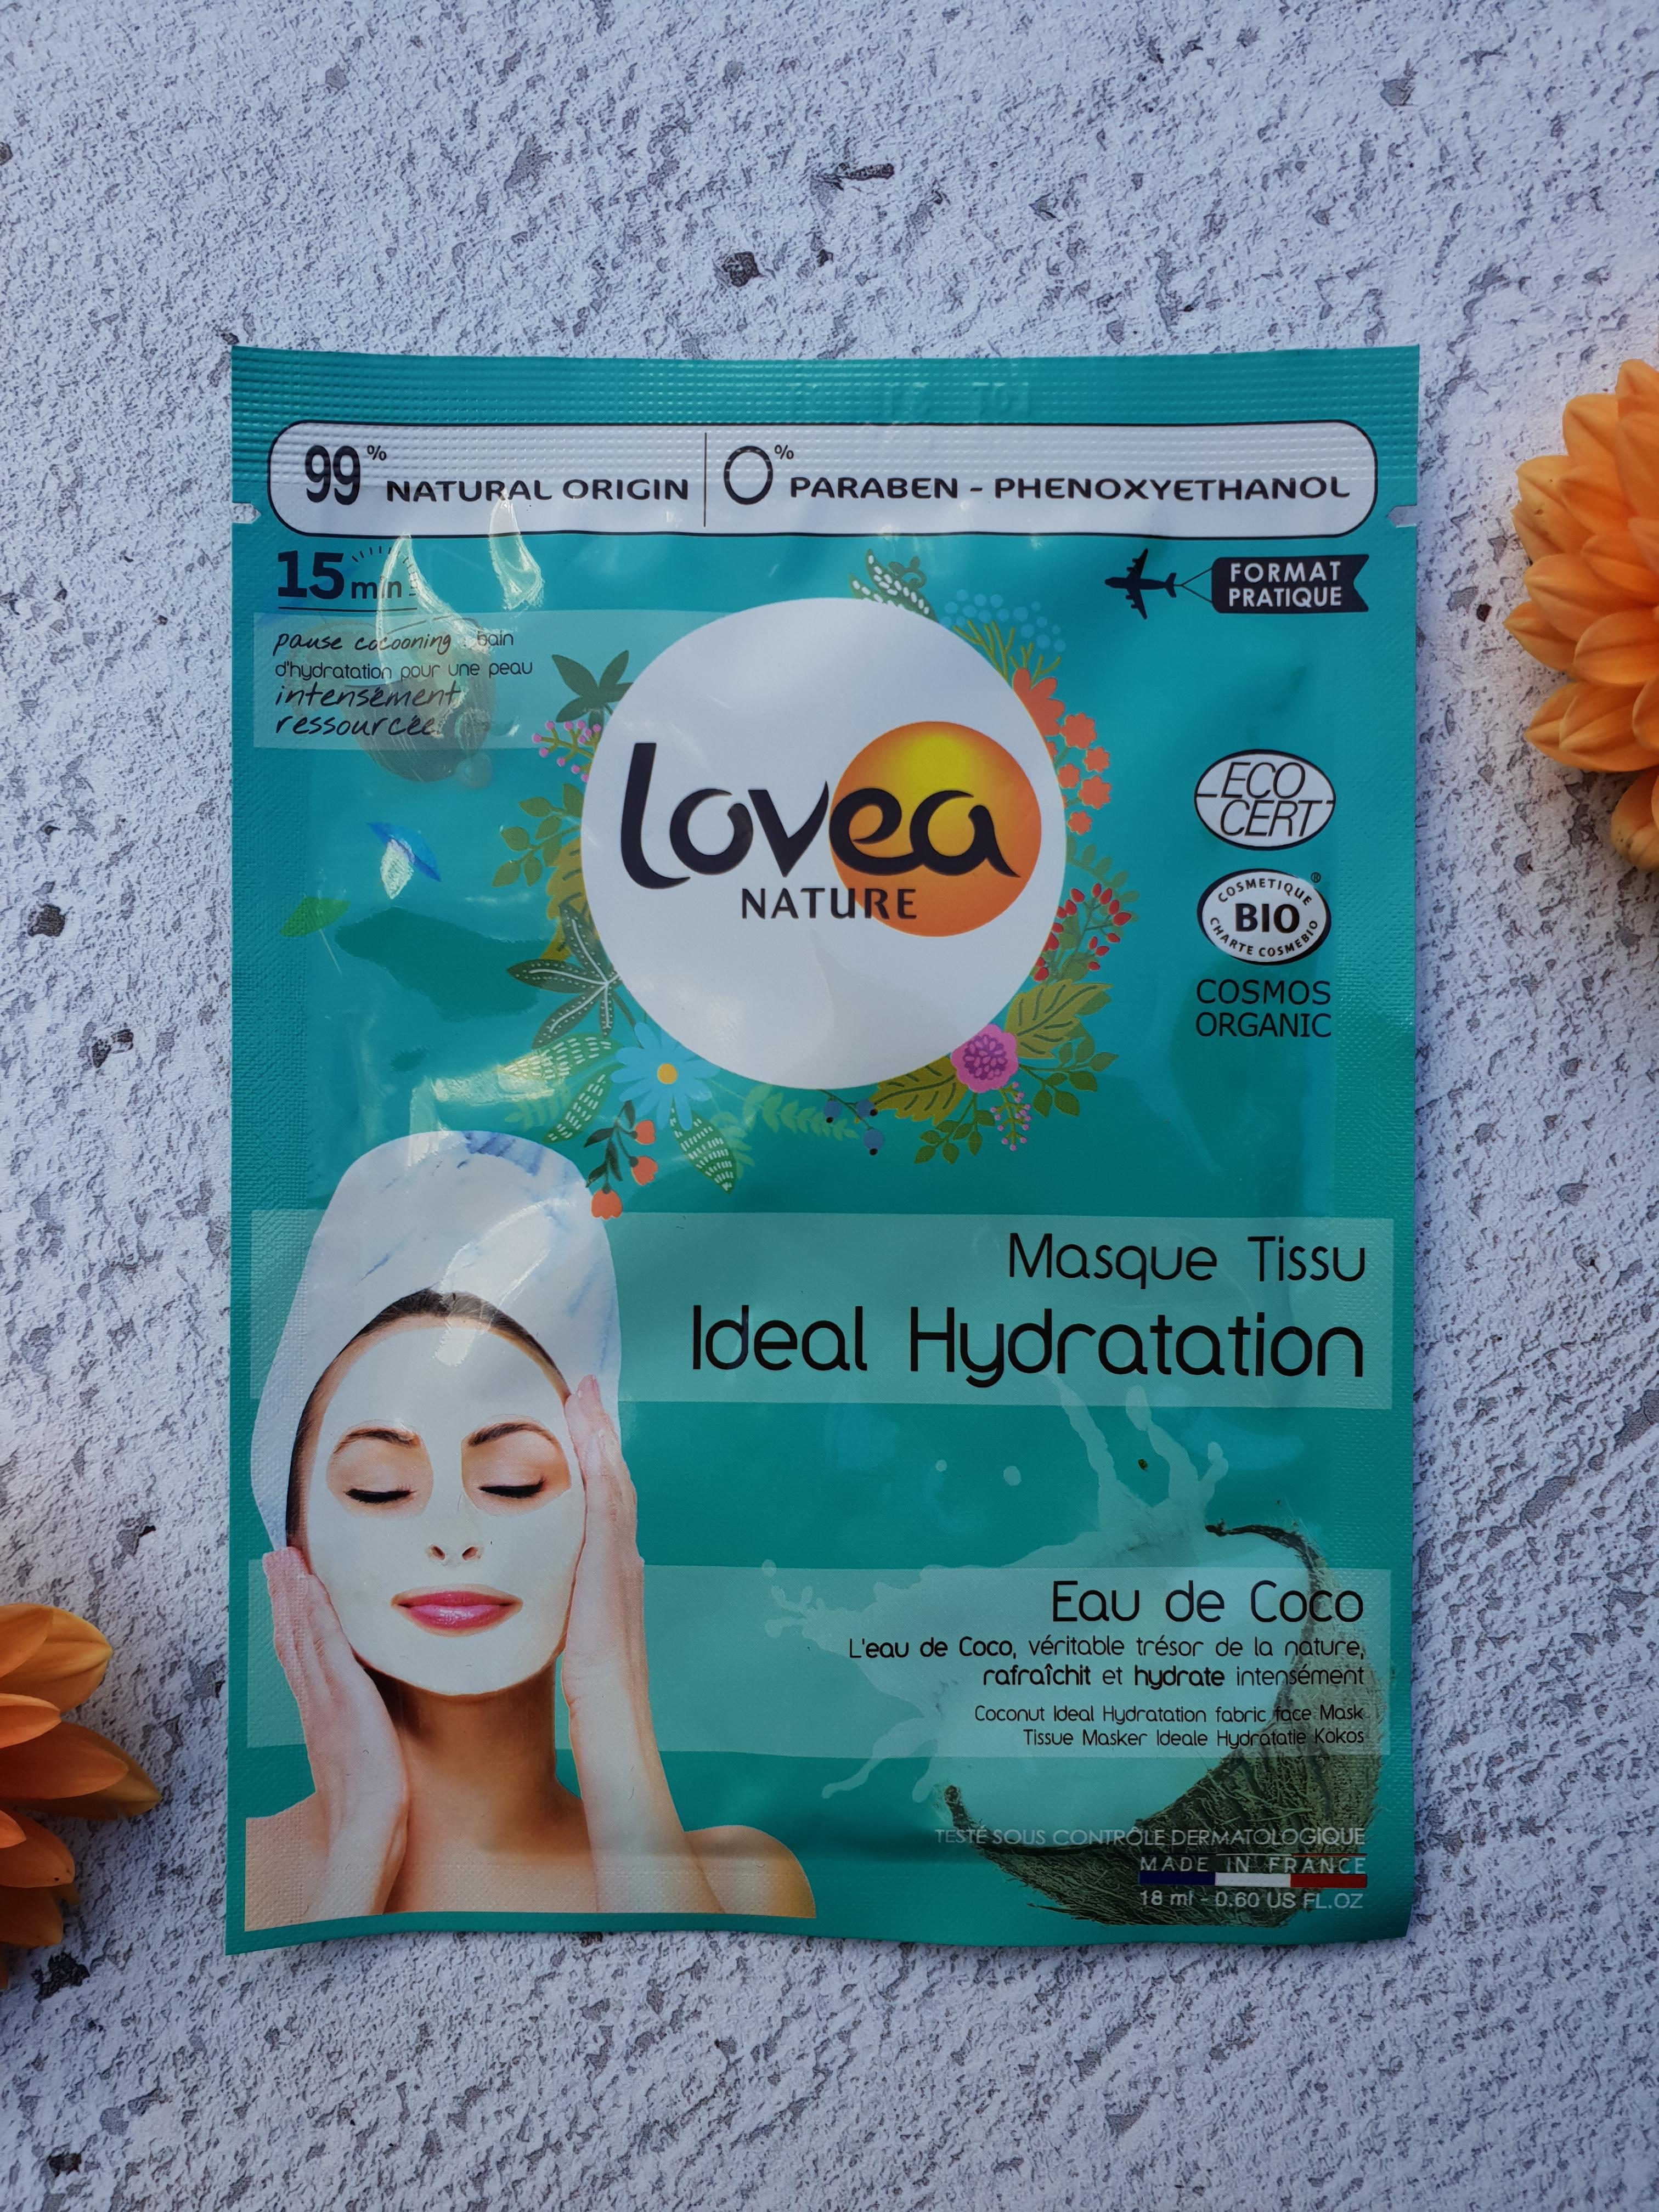 Lovea sheet mask